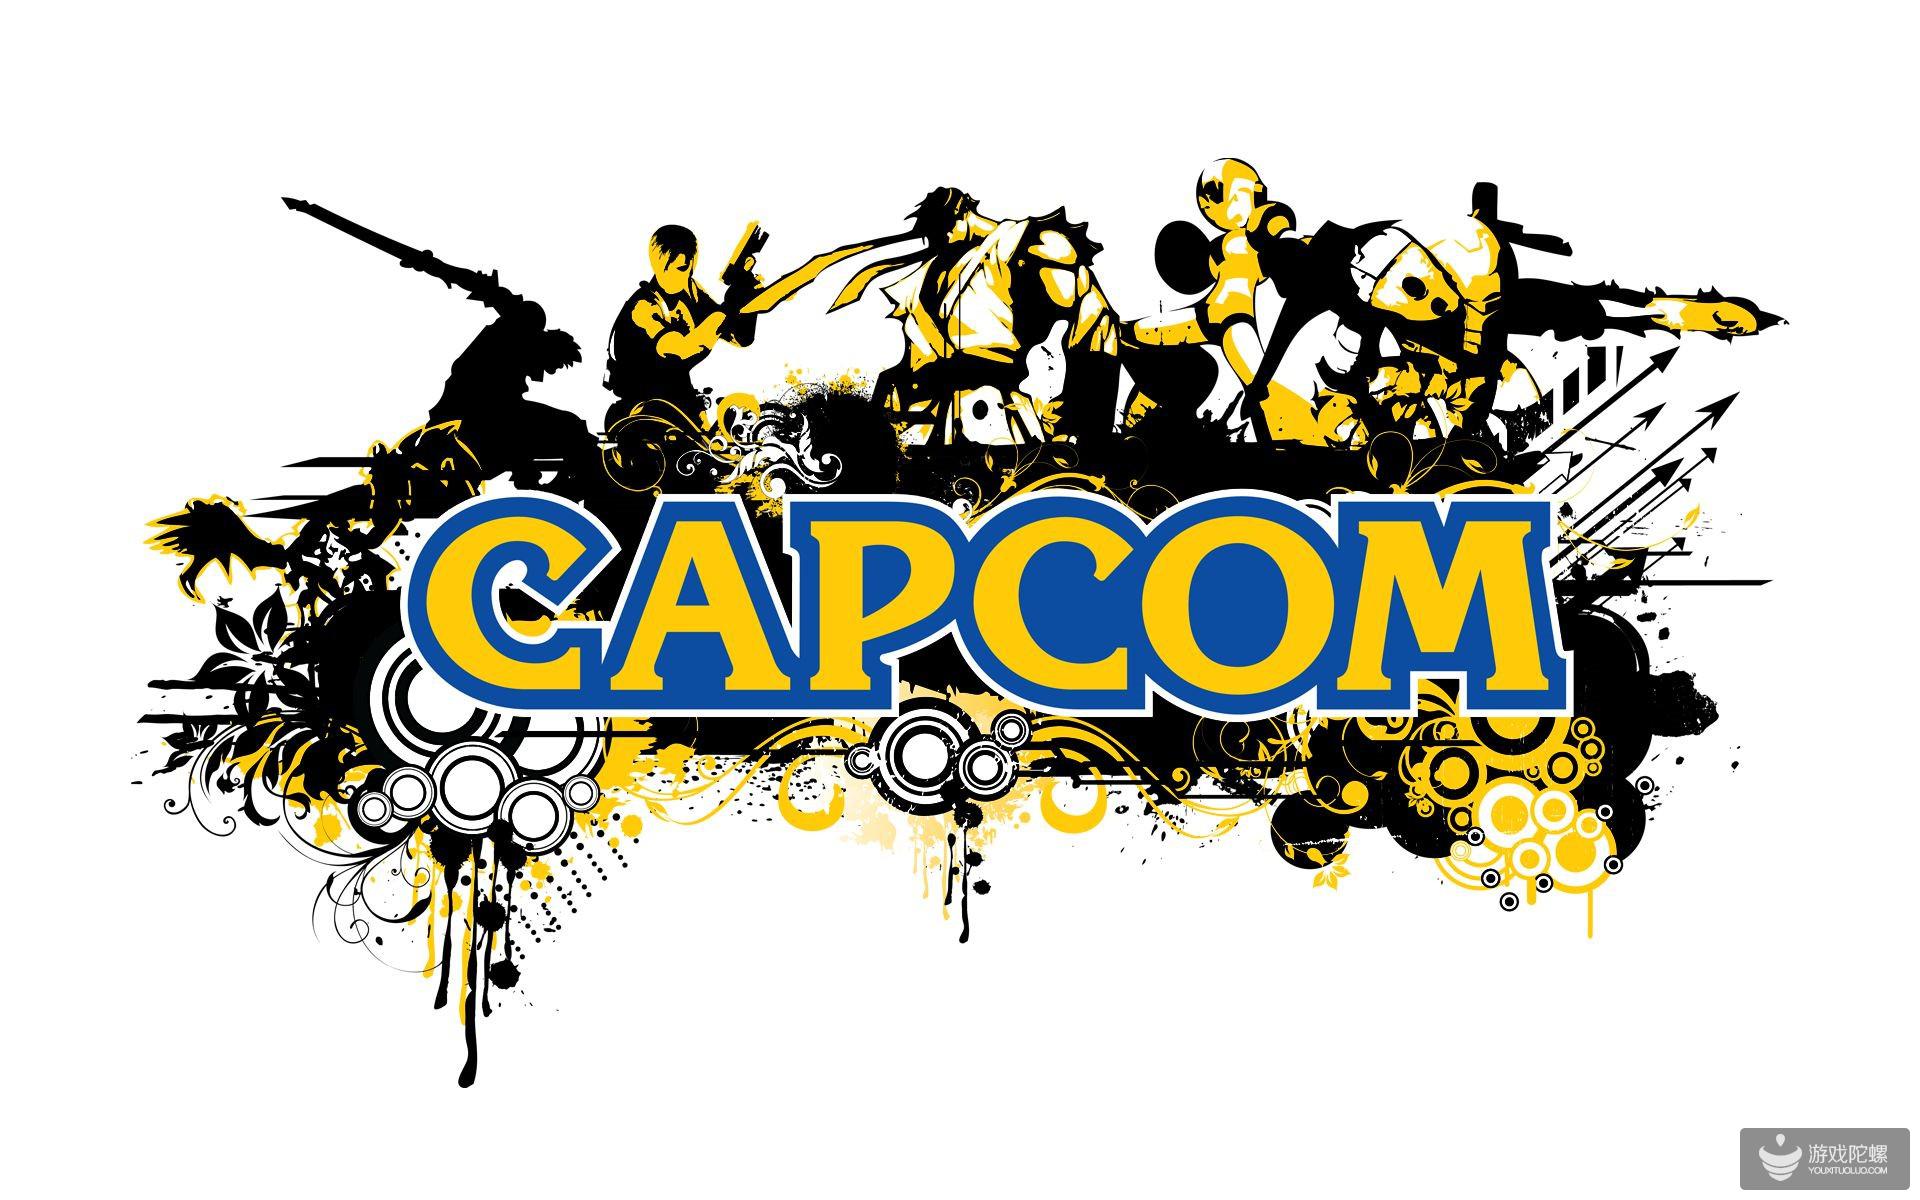 卡普空取消未公开的游戏开发 预计损失45亿日元